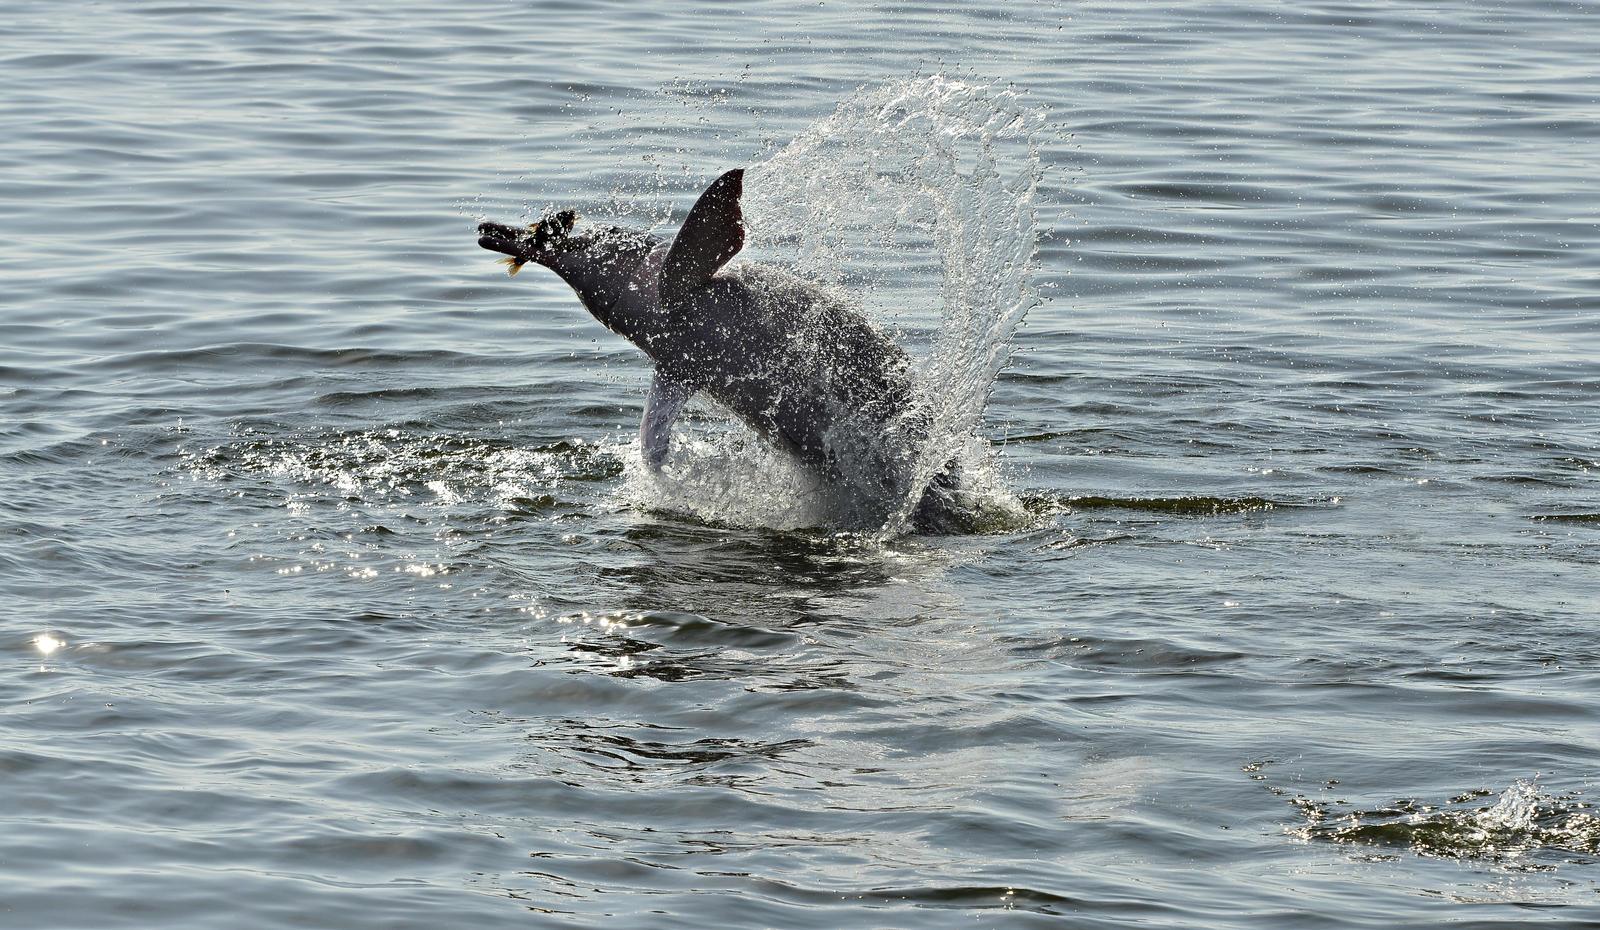 Rsz 1br5050ag golfinho saltando adrianogambarini expedgolfinhosdotapajos2014 edit